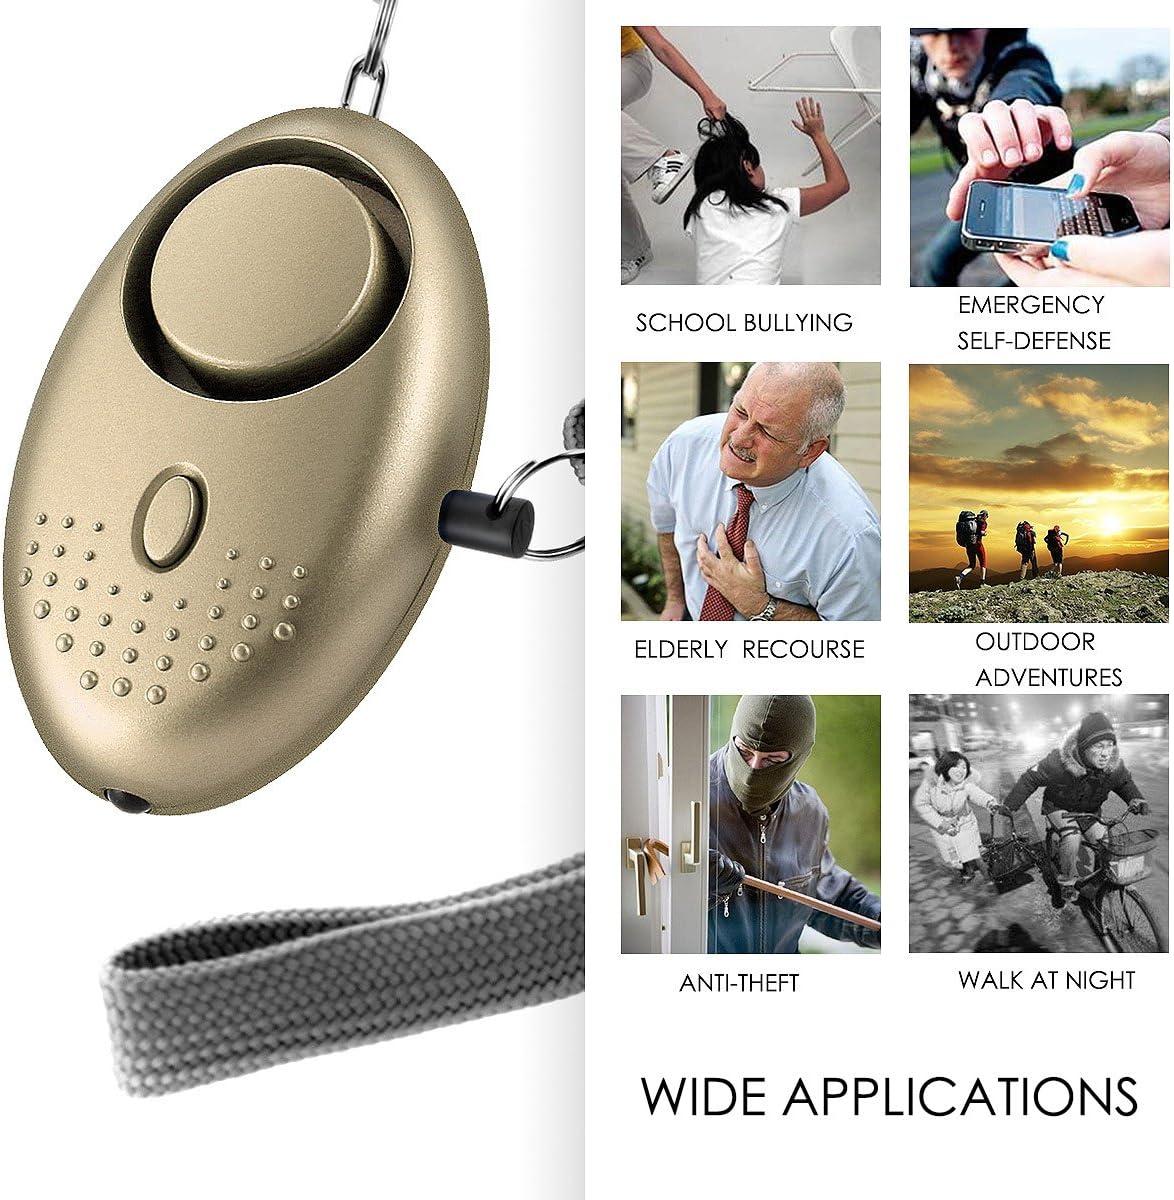 DERCLIVE Dispositifs de S/écurit/é Personnels avec Alarme Sonore Et S/écurit/é pour Les Enfants Et Les Personnes /Âg/ées